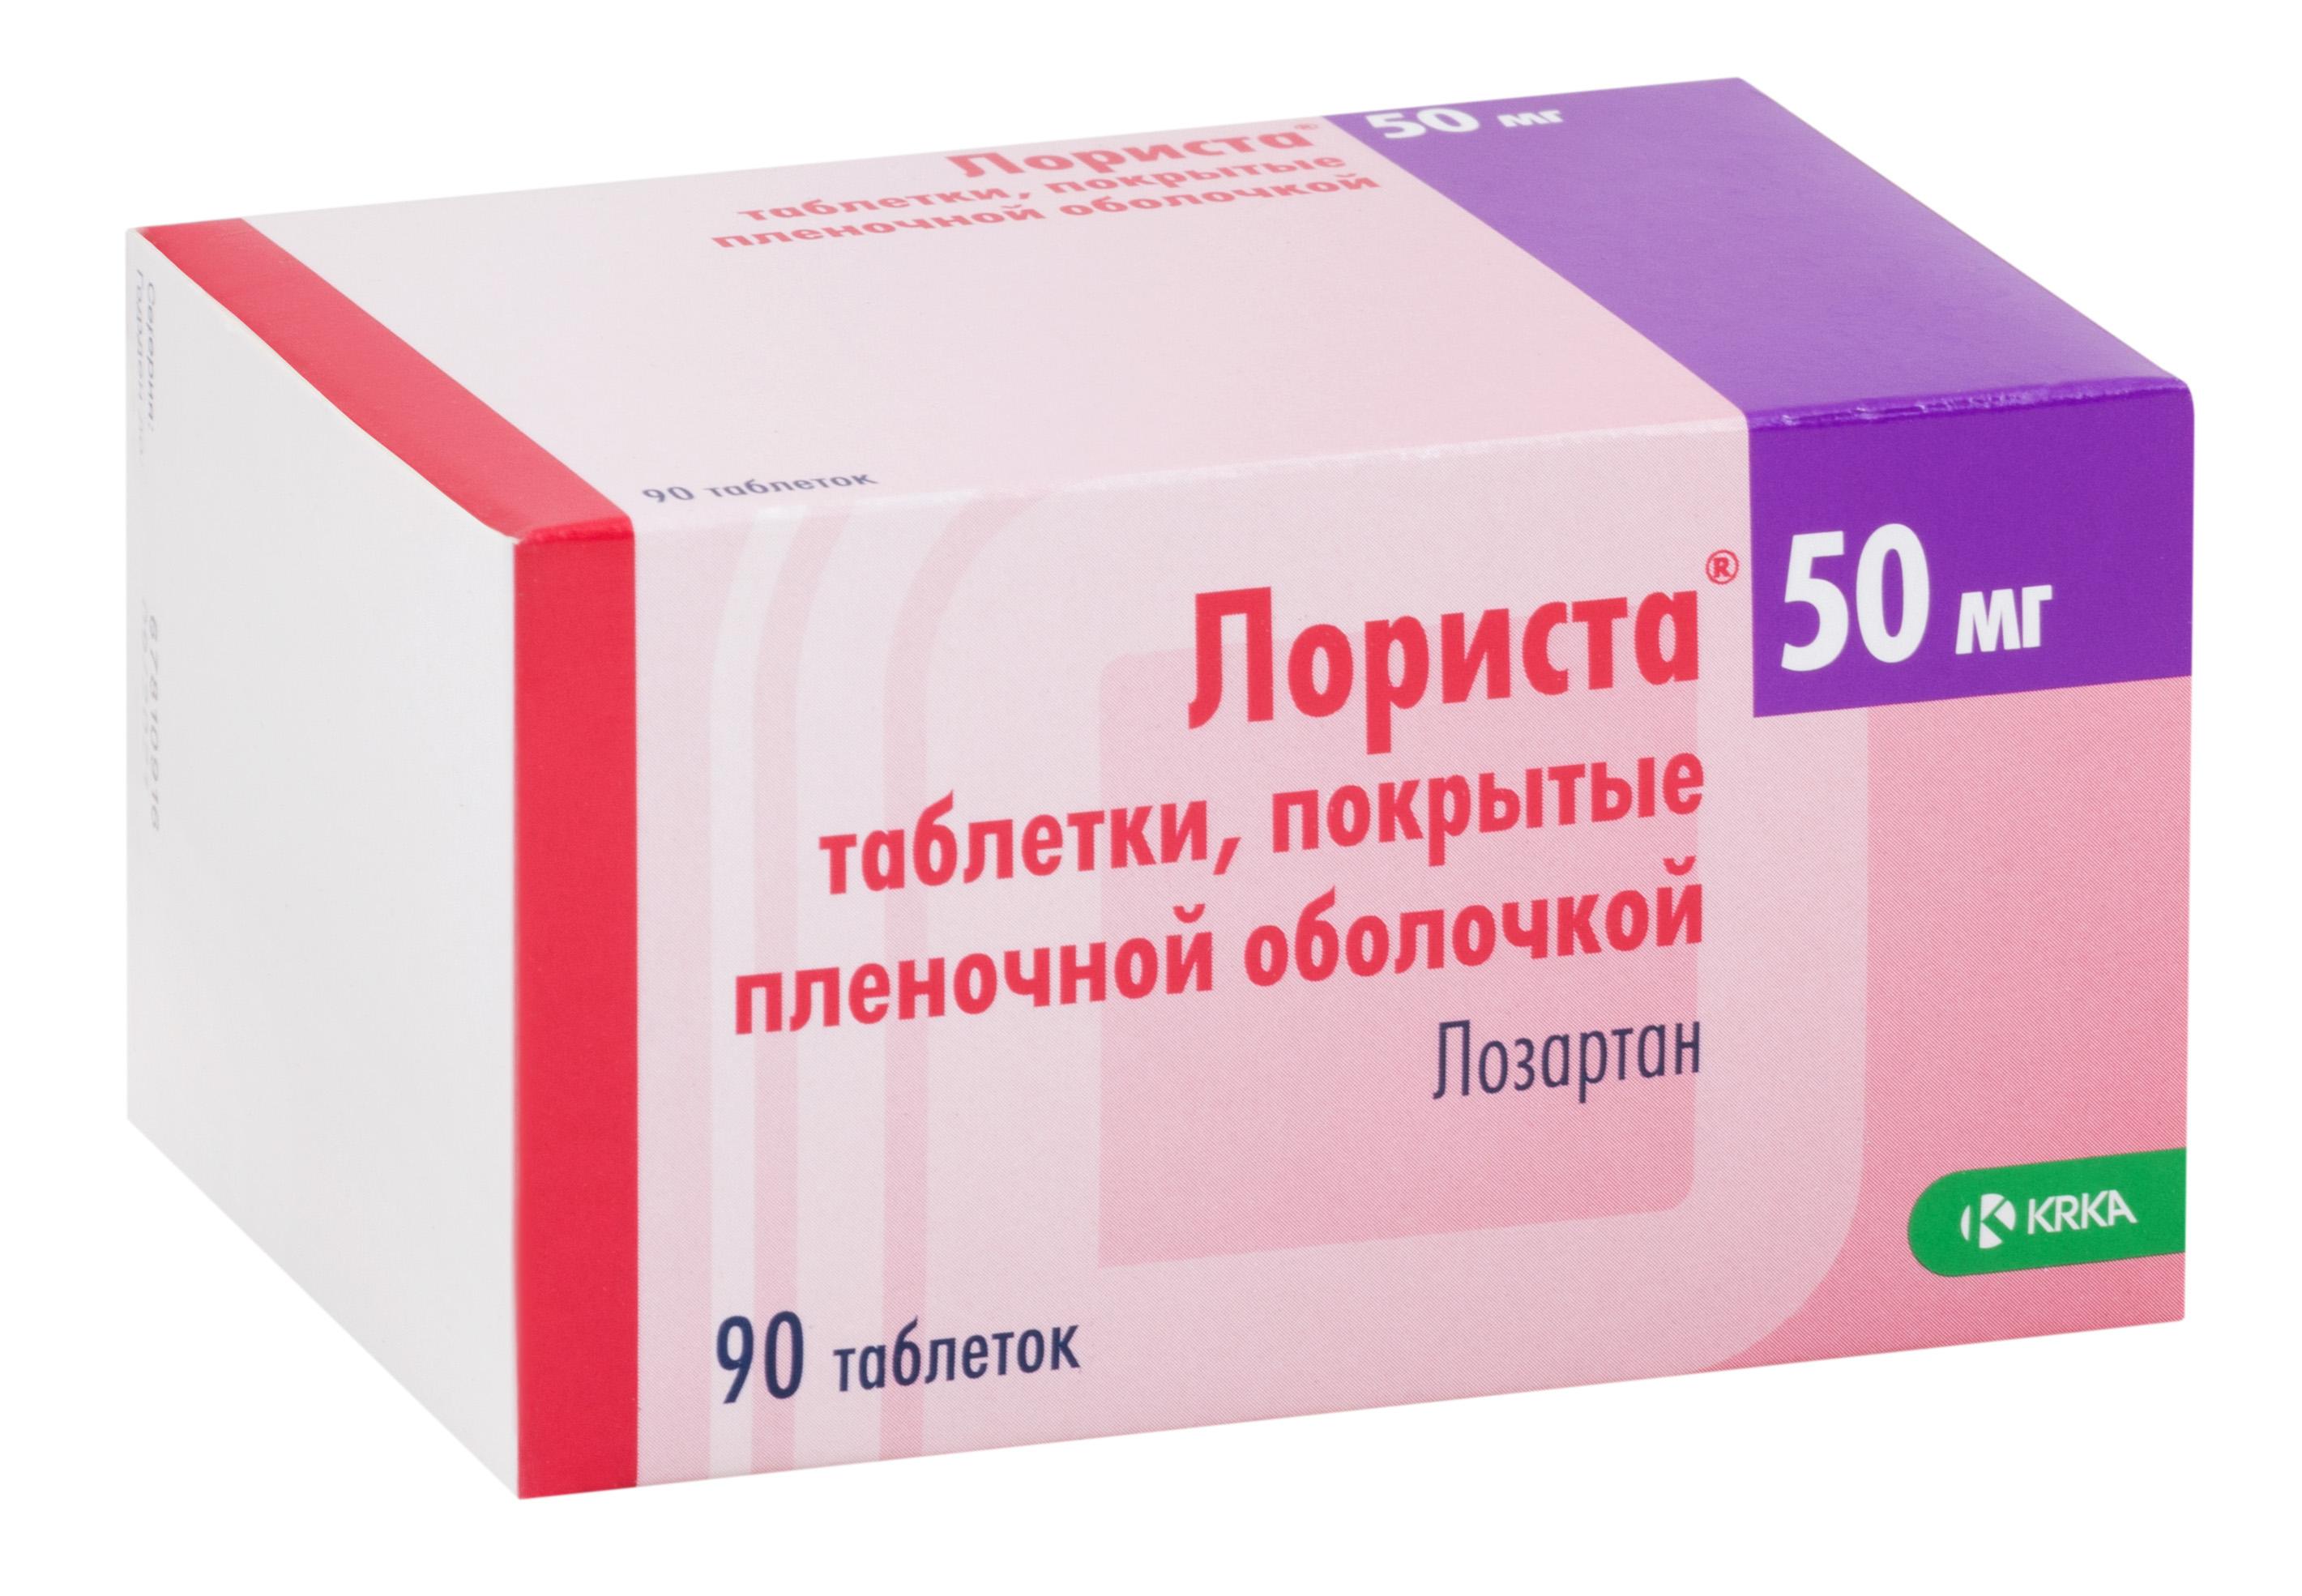 Лориста таб. п.п.о. 50мг n90